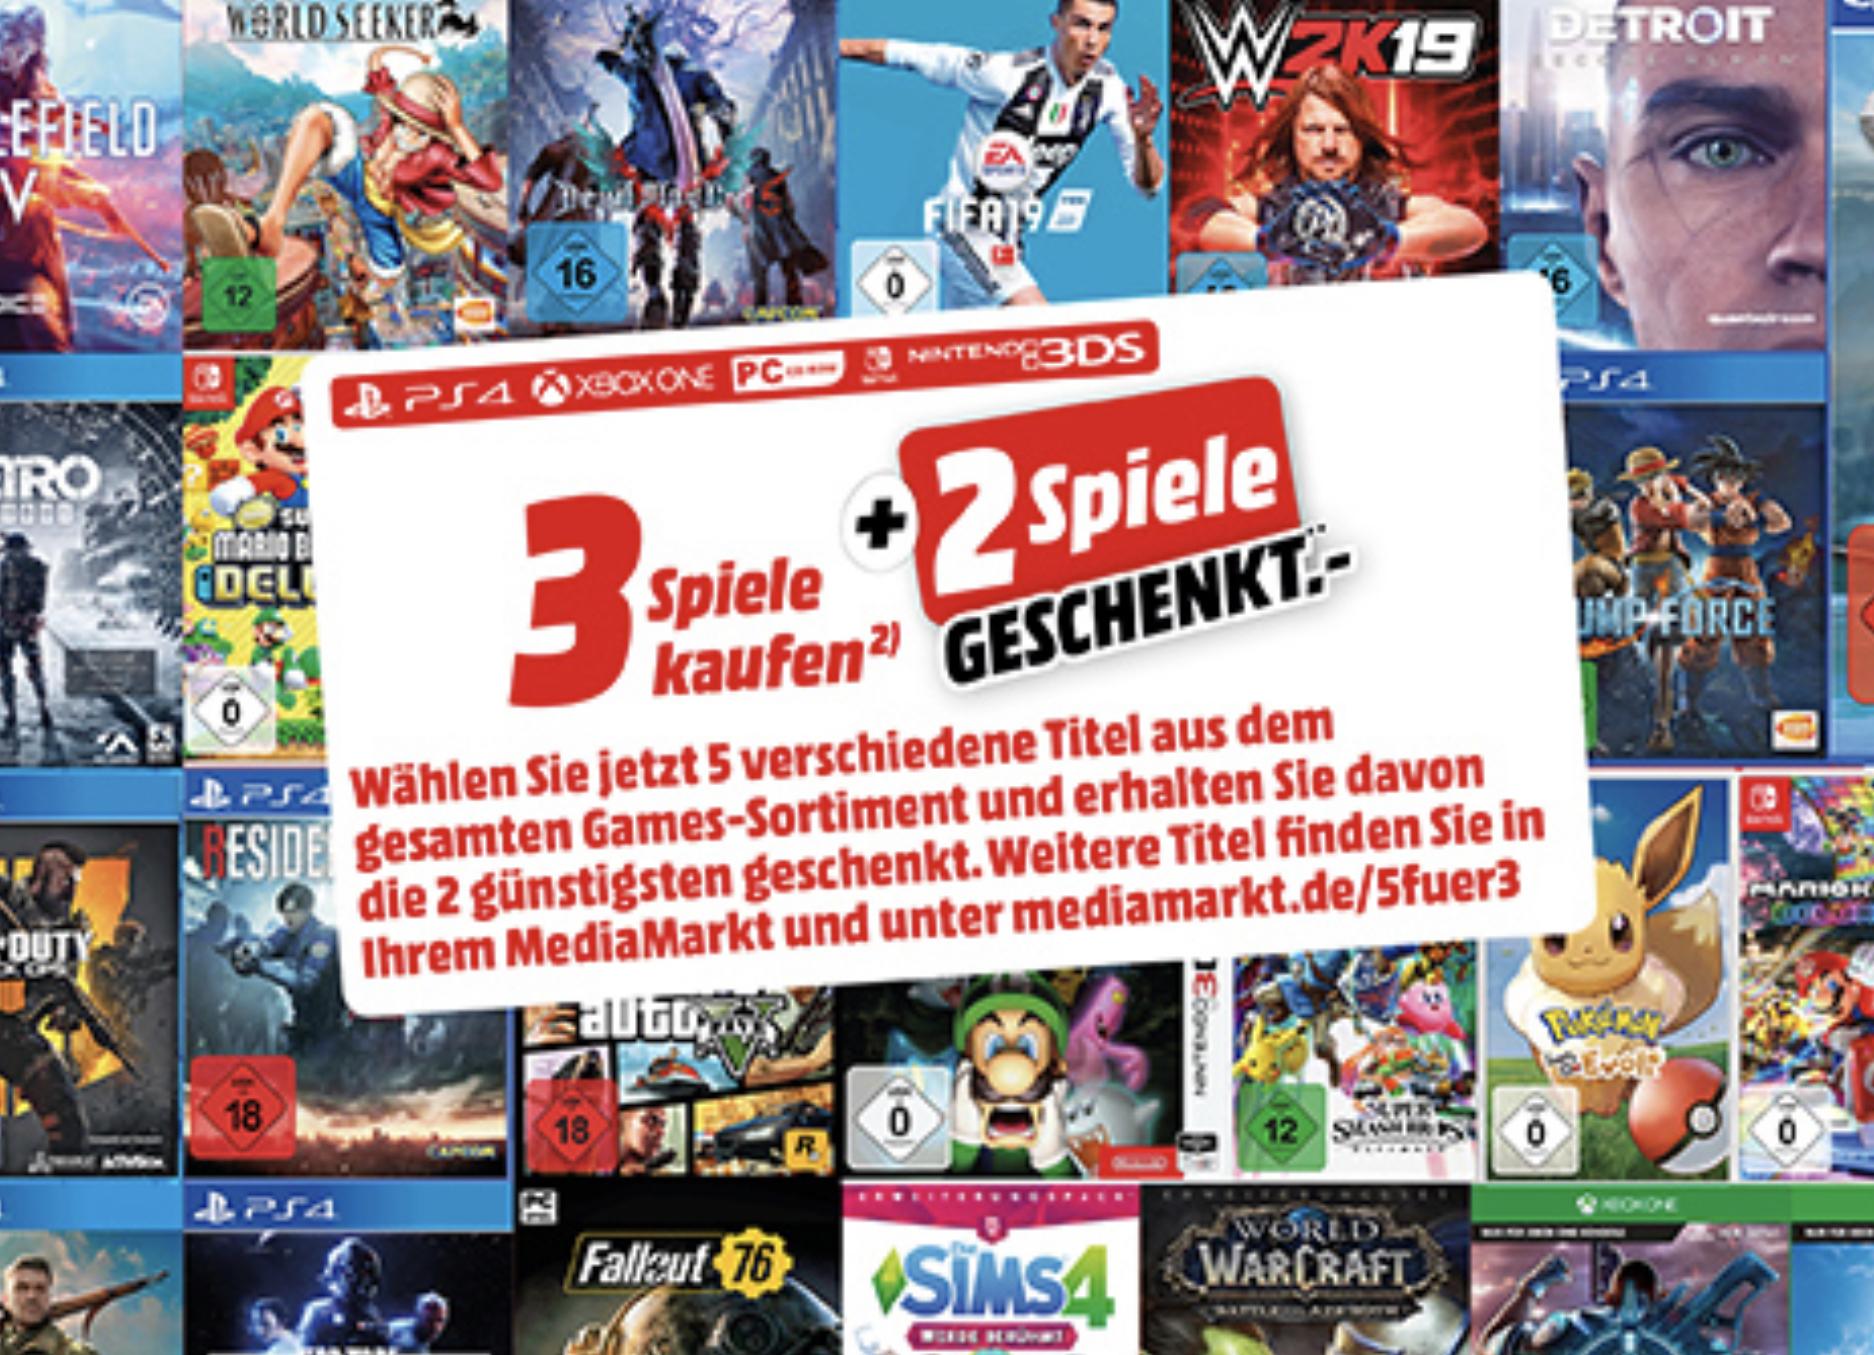 3 Spiele kaufen + 2 Spiele GESCHENKT aus dem gesamten Games-Sortiment! (Media Markt + Amazon)